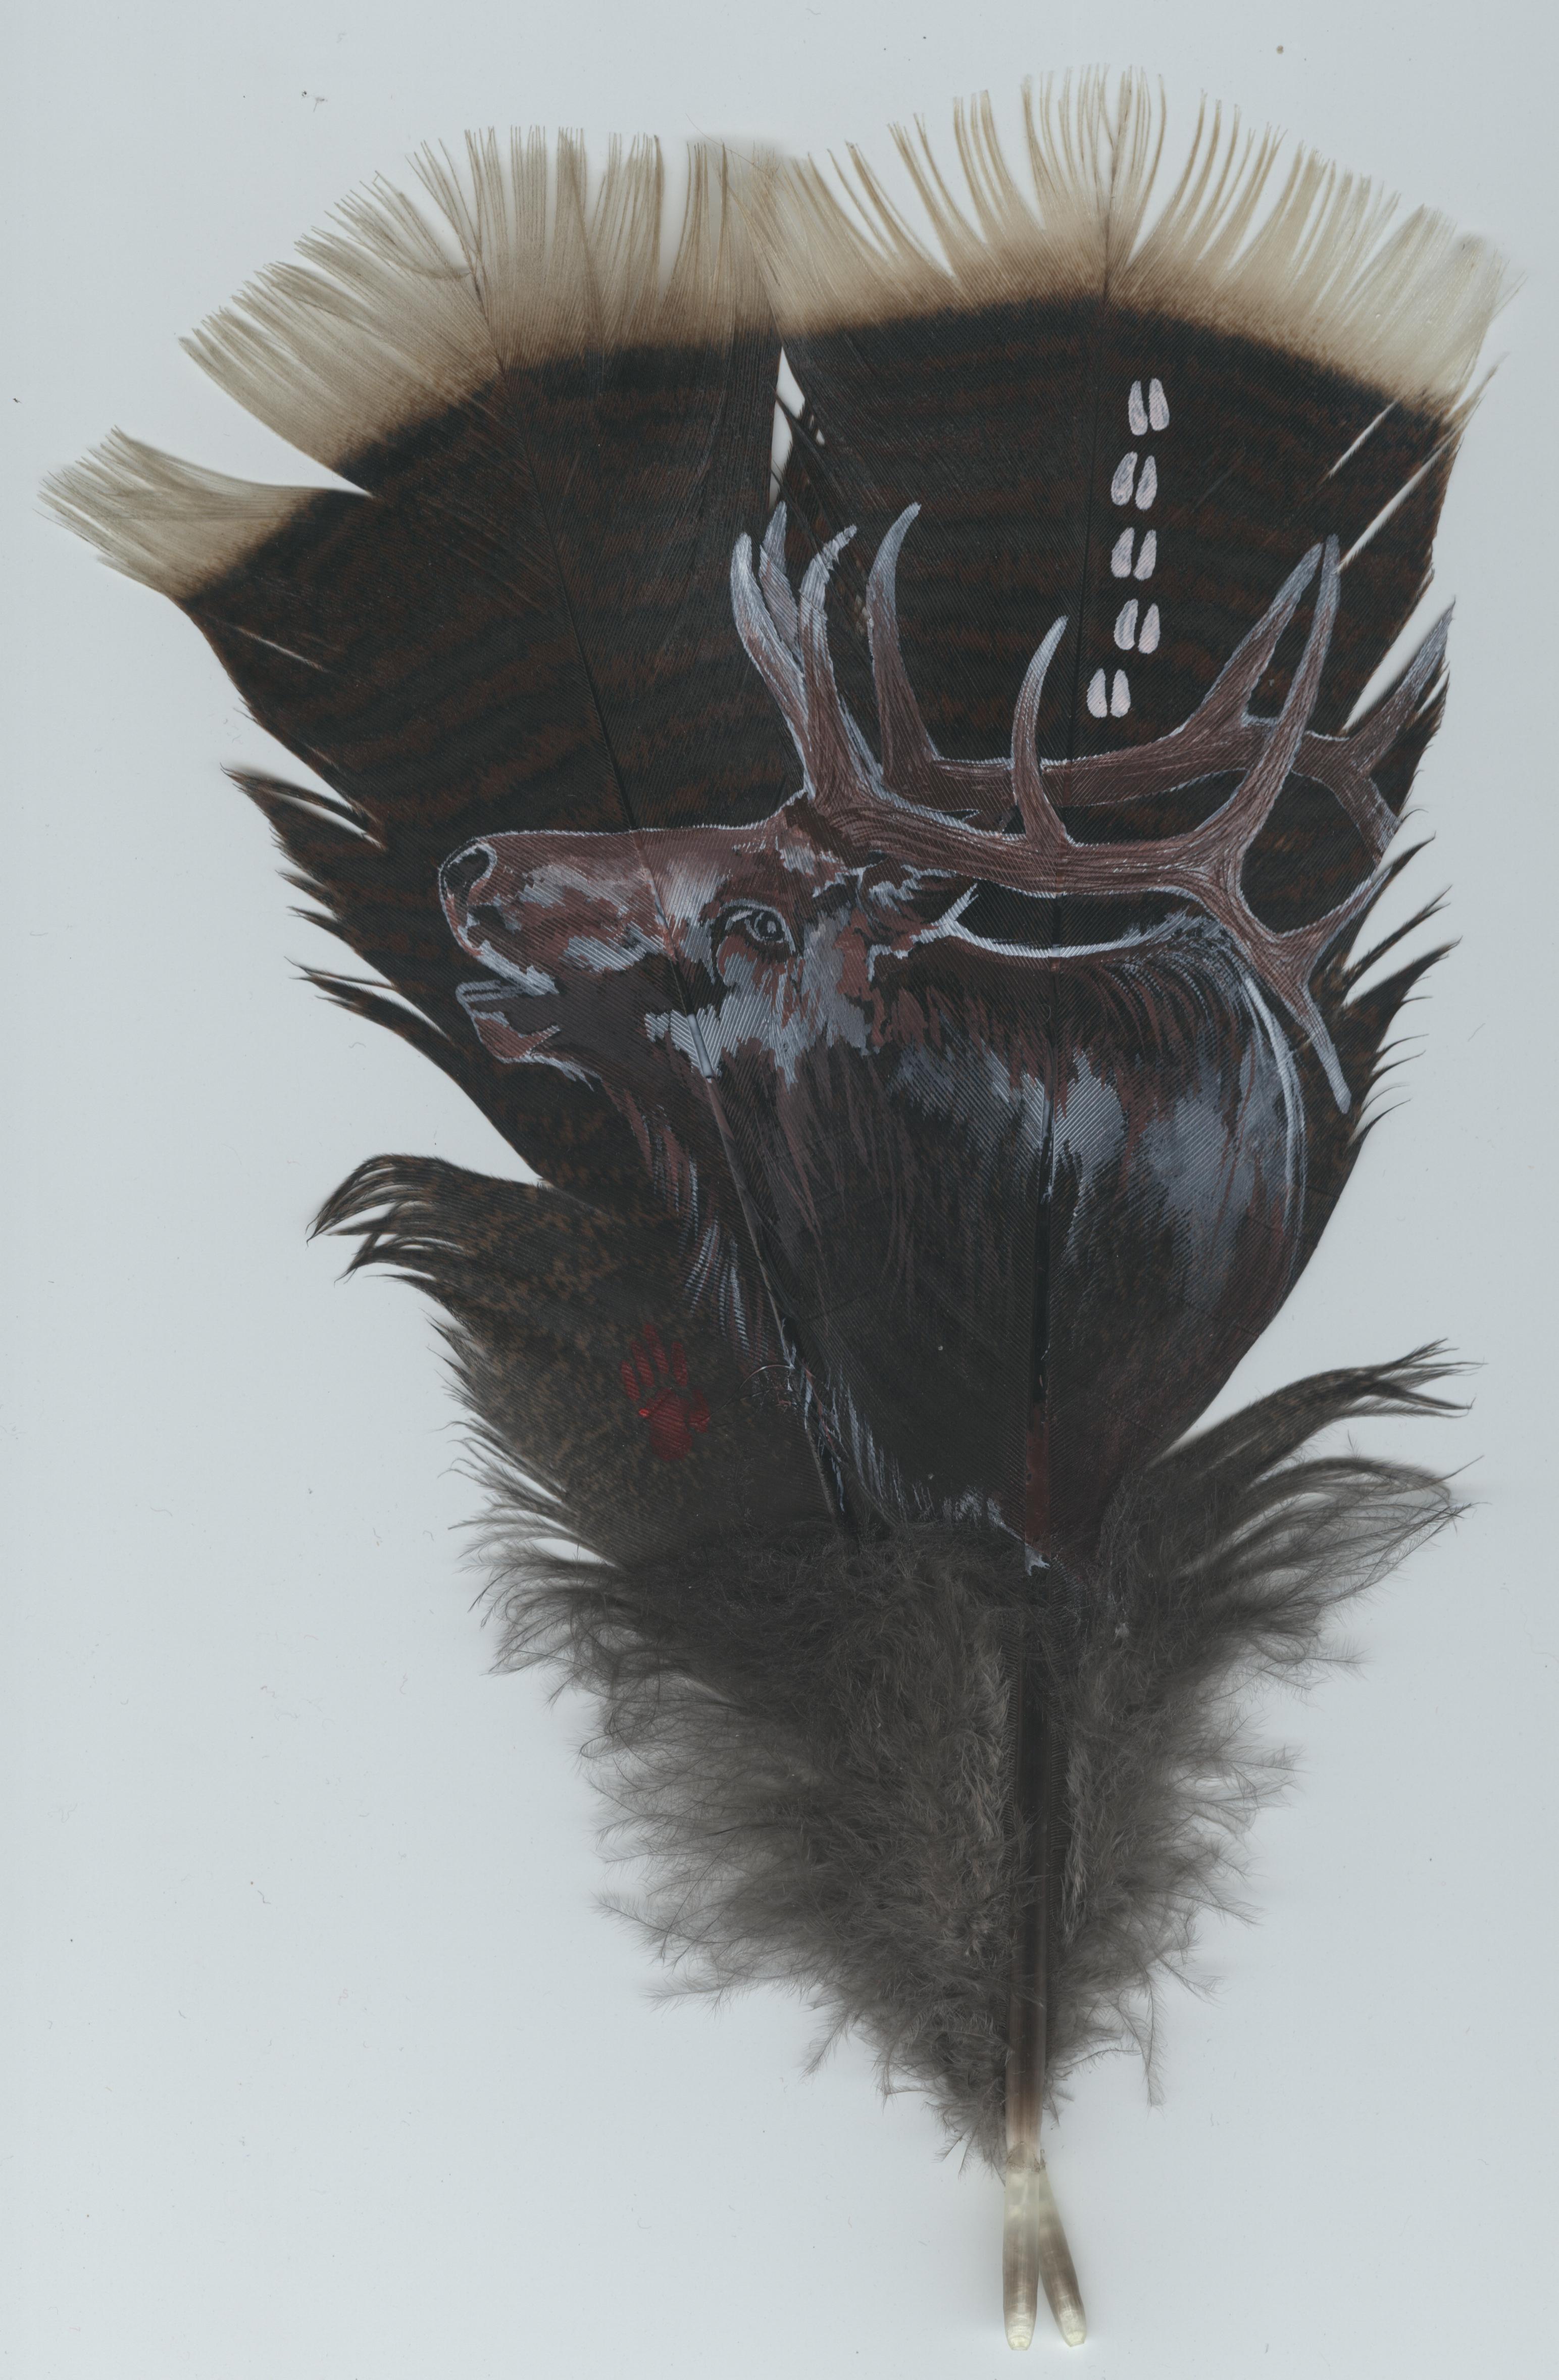 Acrylic on wild turkey feathers